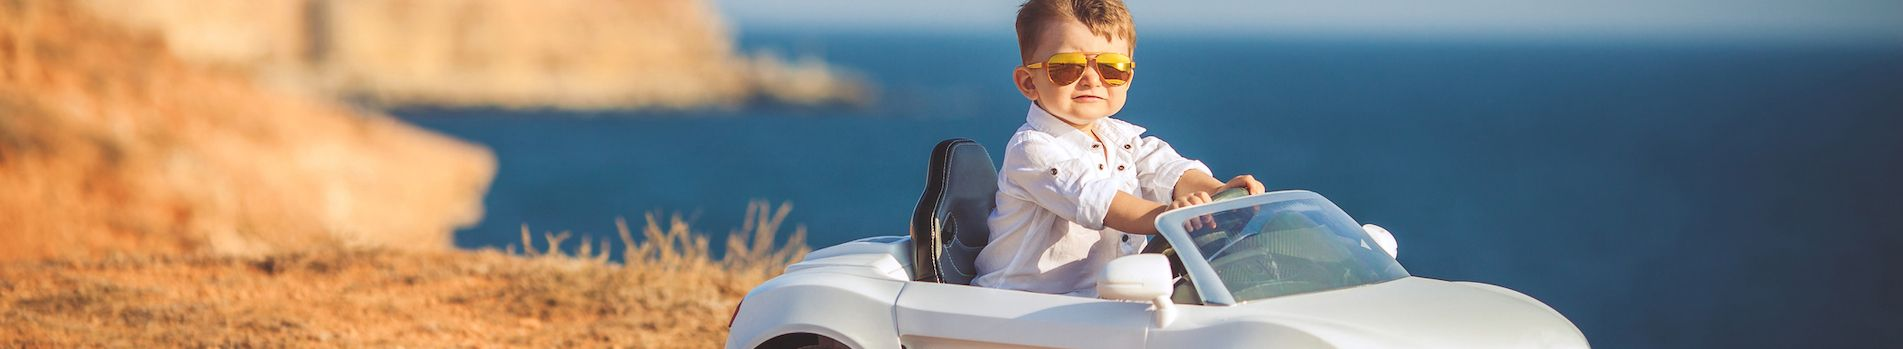 Ab wann darf ein Kind ohne Kindersitz im Auto fahren?